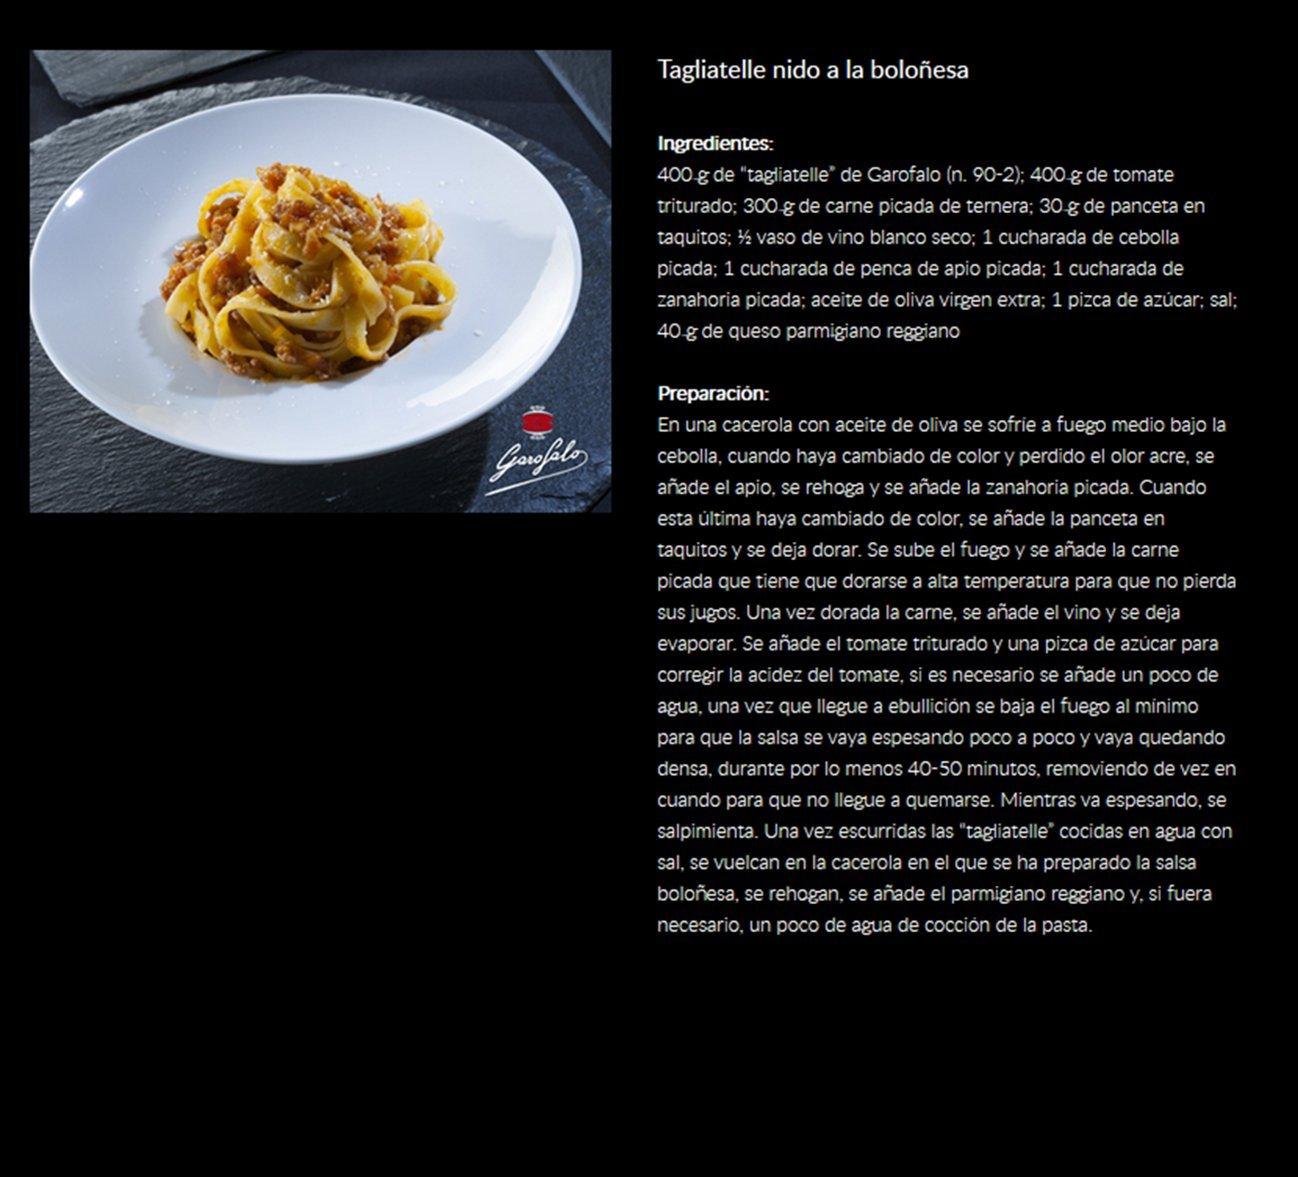 Tagliatelle Nido Garofalo 12X500 500 Gr - [Pack De 12] - Total 6 Kg: Amazon.es: Alimentación y bebidas